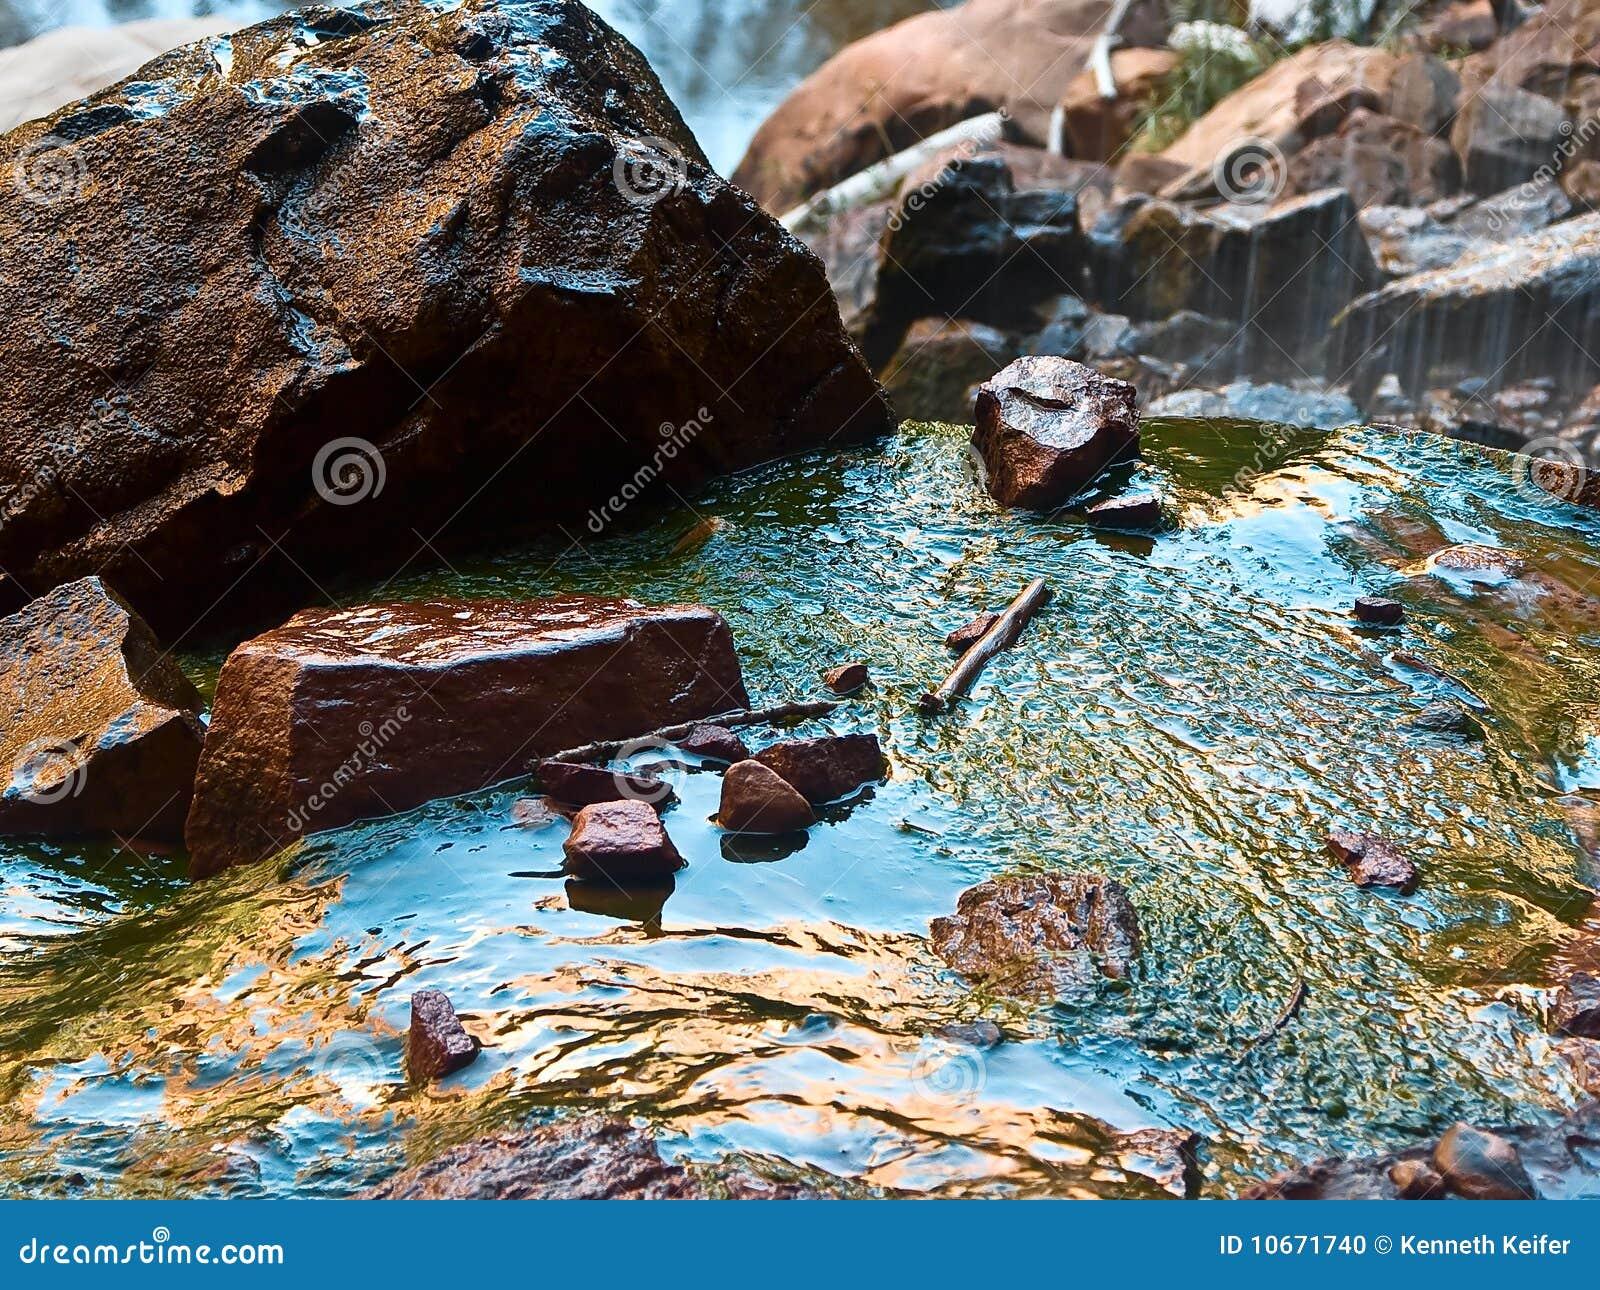 kenneth pool